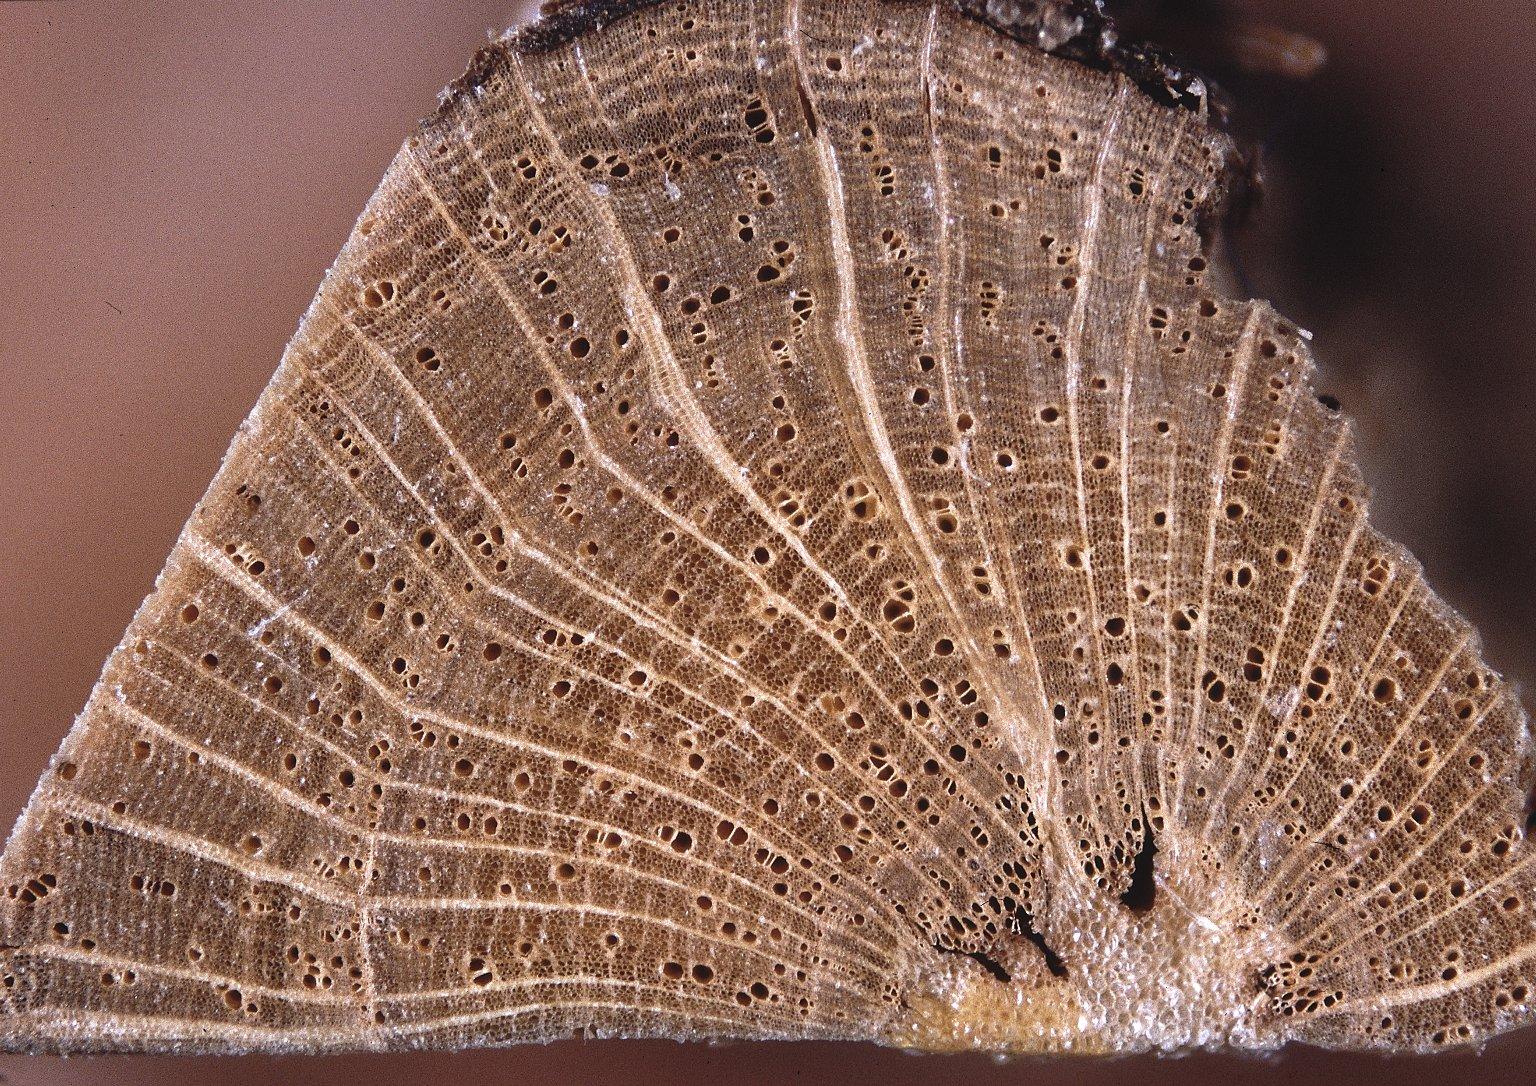 ANNONACEAE Raimondia cherimolioides